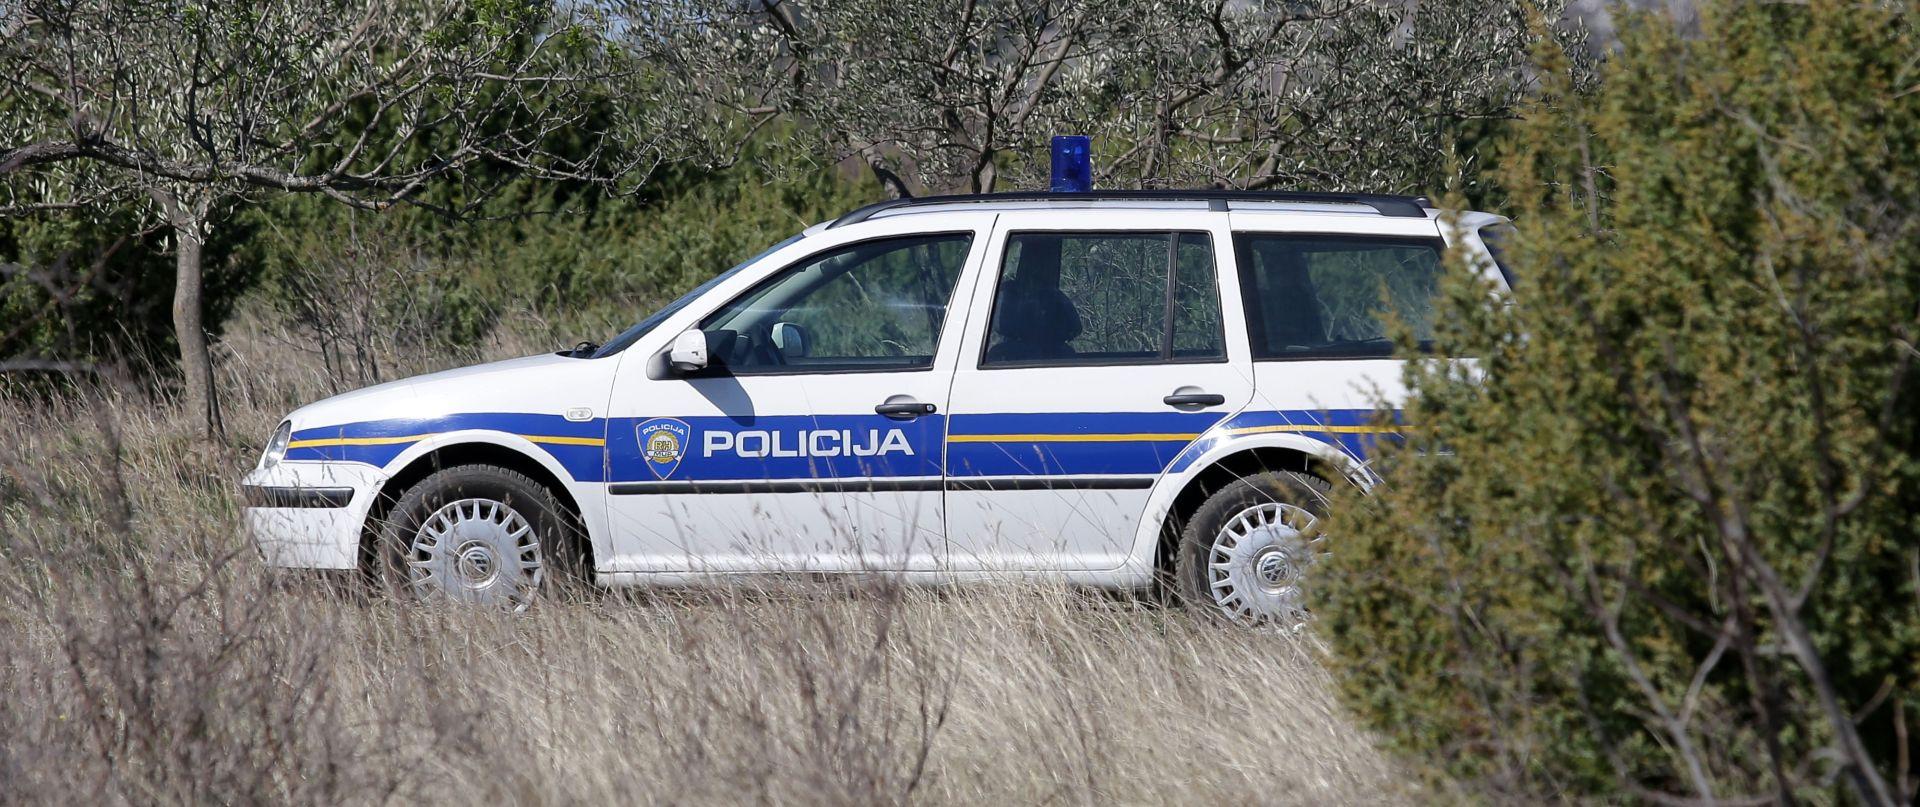 VOJNIĆ/OZALJ Zbog krijumčarenja 35 stranaca uhićena četvorica hrvatskih državljana